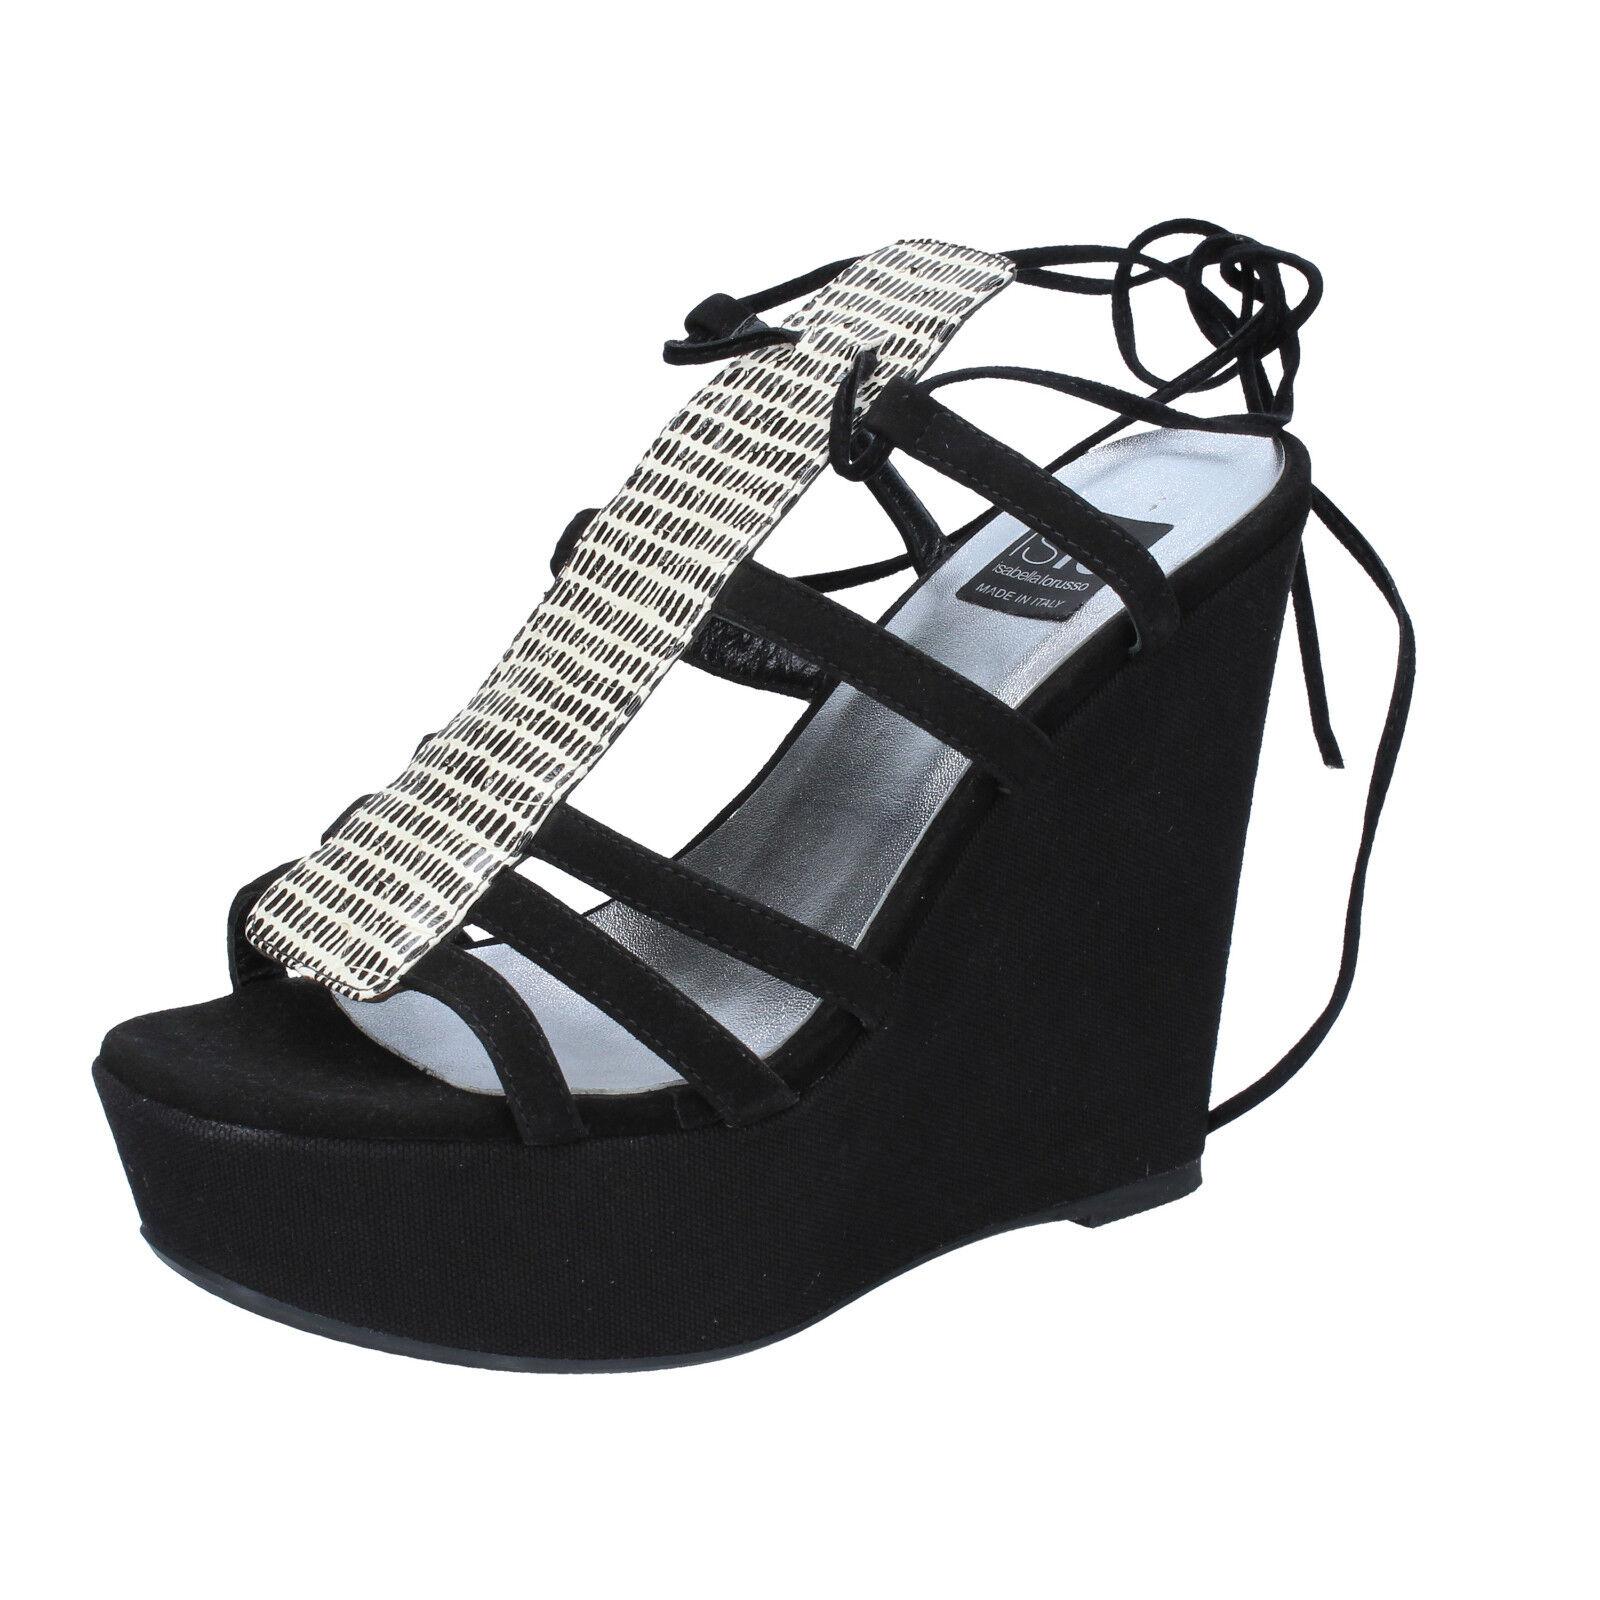 scarpe donna ISLO ISABELLA nero LORUSSO 36 EU sandali nero ISABELLA camoscio BZ328-B 1314da